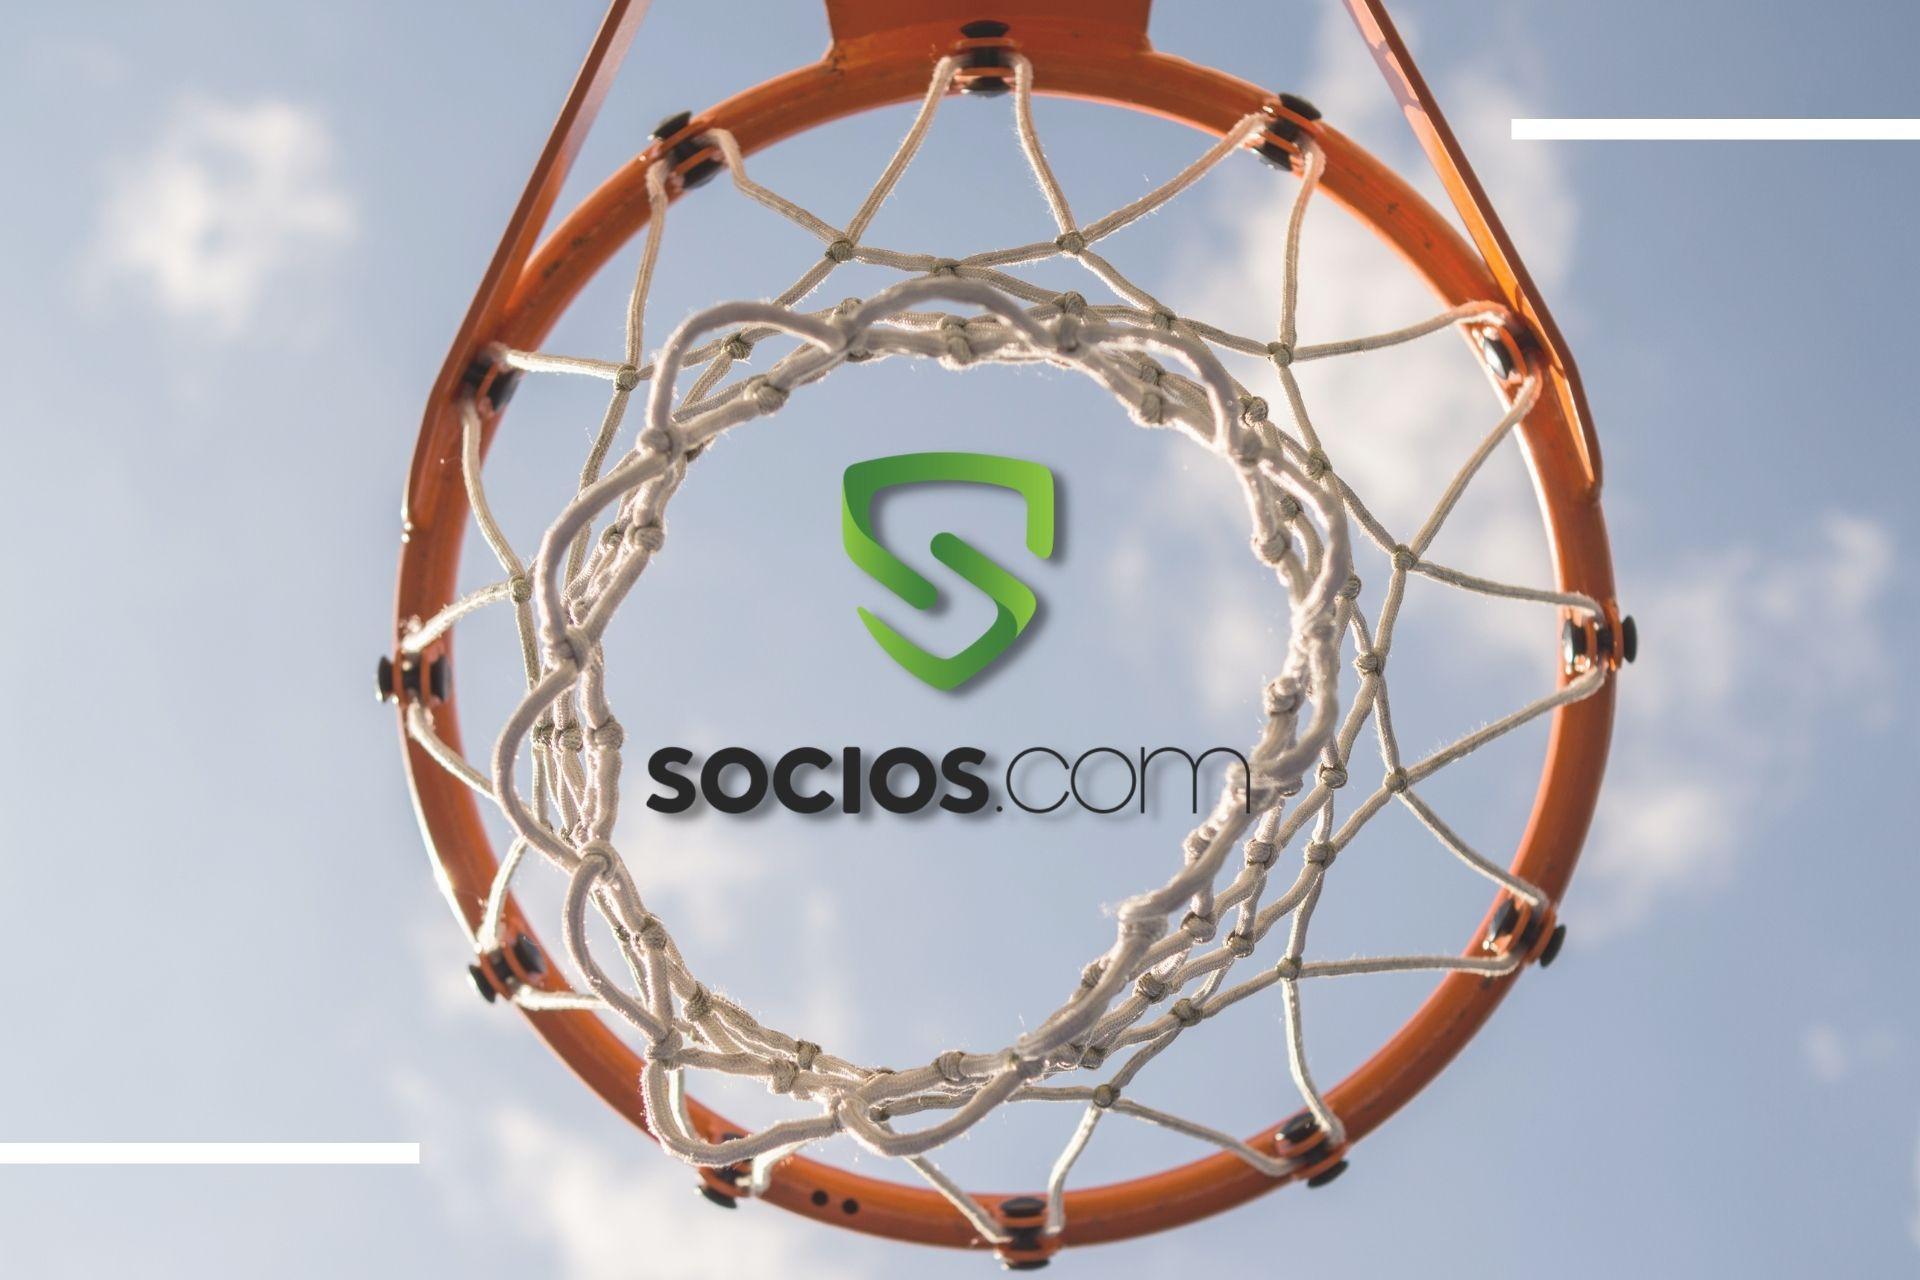 Con la llegada de los equipos Detroit Pistons y Minnesota Timberwolves, ahora un tercio de las franquicias de la NBA están vinculadas a la plataforma blockchain de fidelización de fanáticos Socios